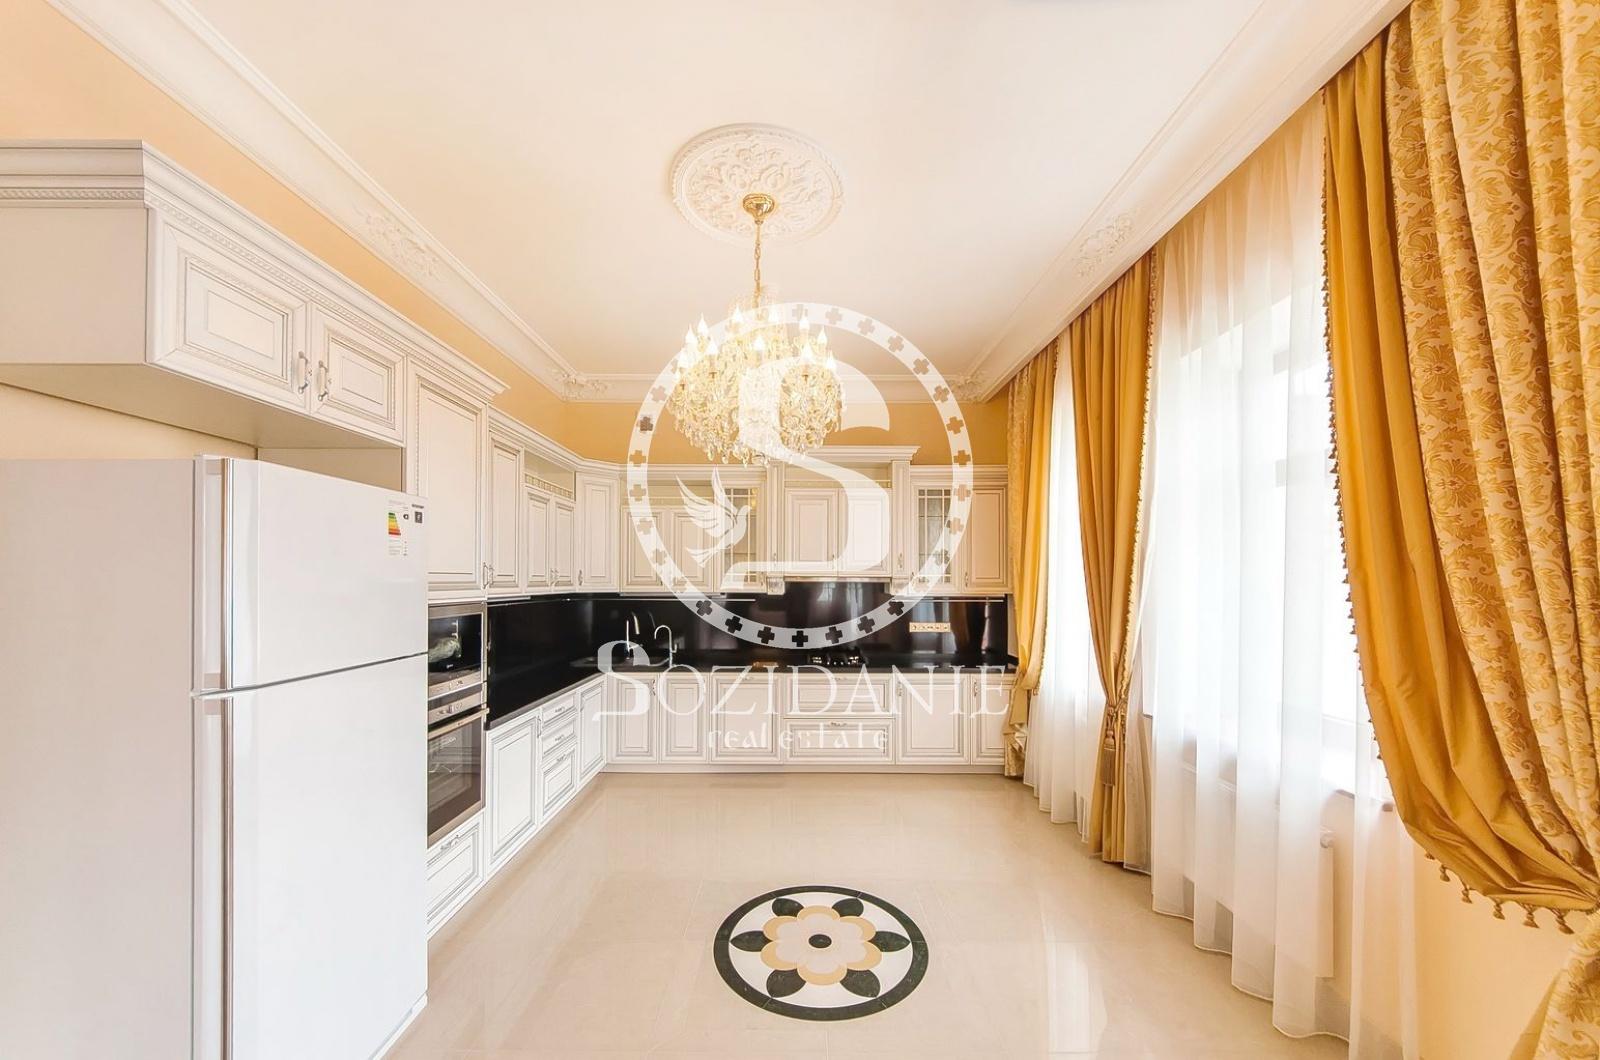 5 Bedrooms, Загородная, Продажа, Listing ID 1567, Московская область, Россия,